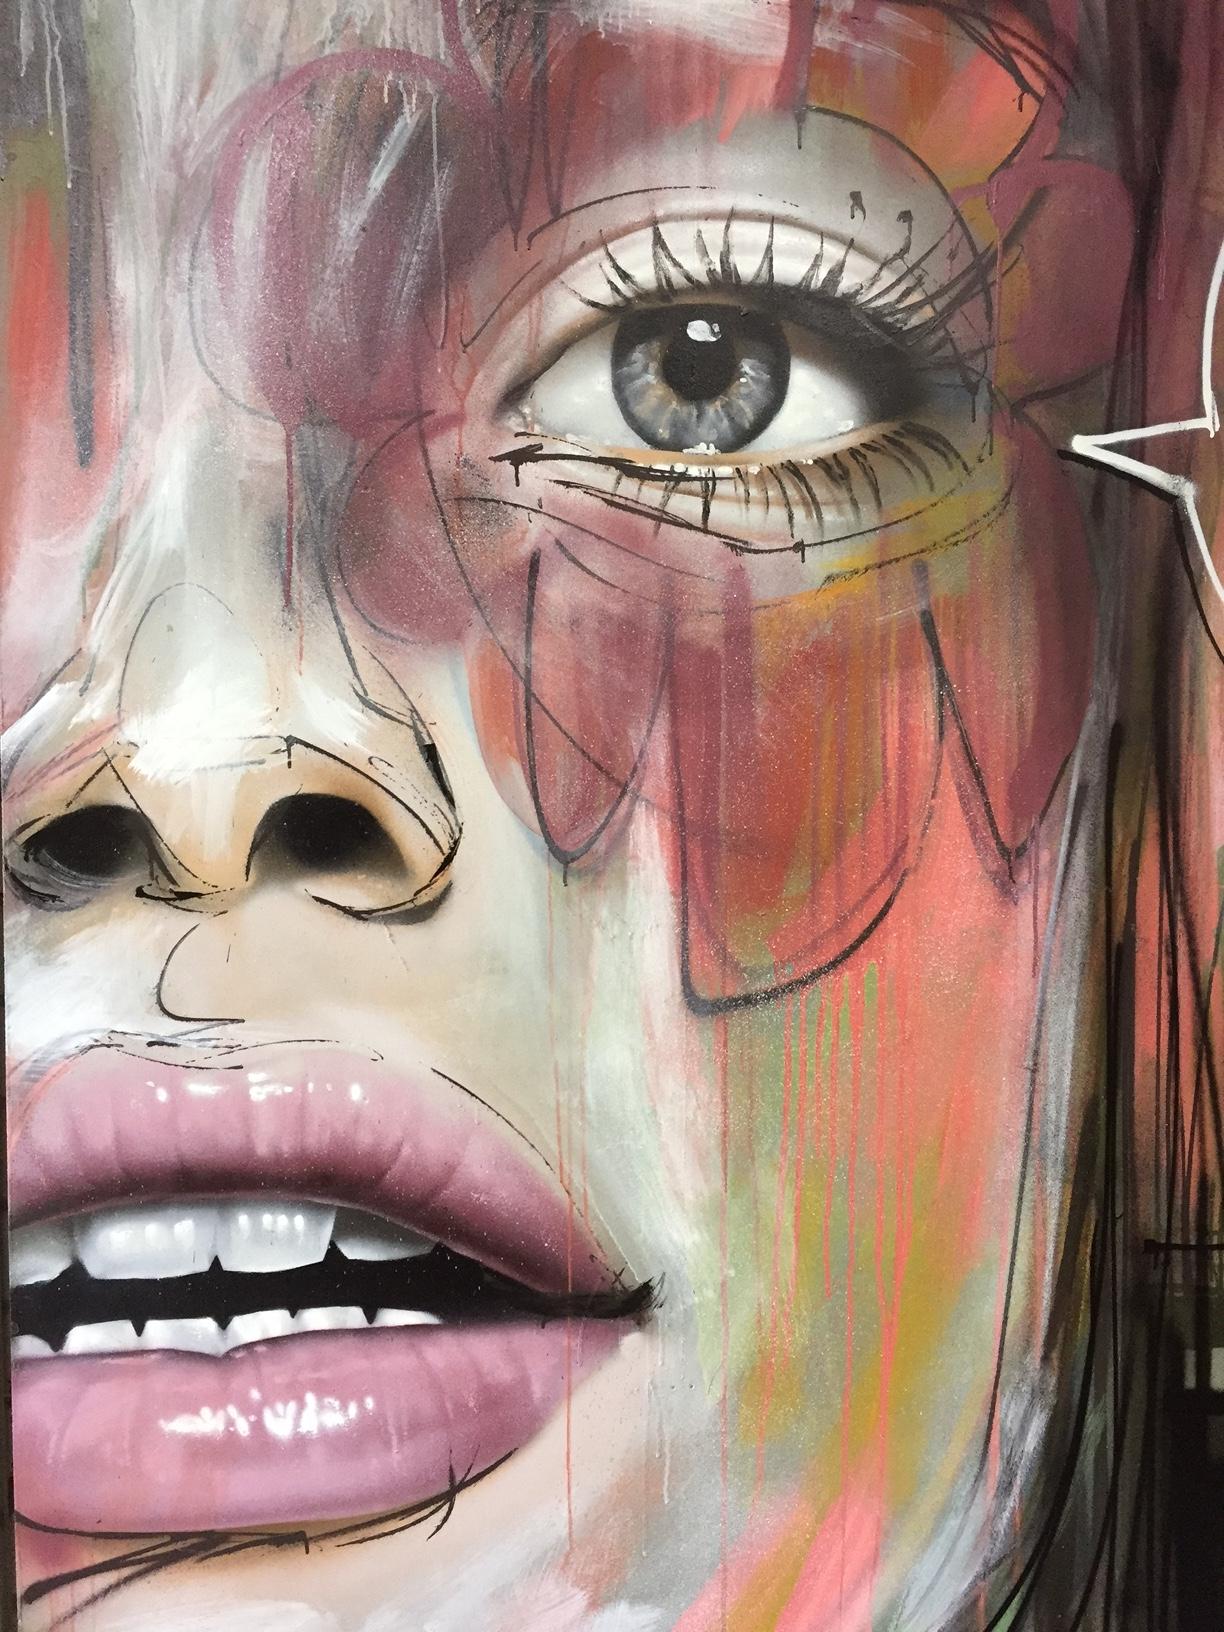 Wie aus Bad Vilbel durch die richtige Graffiti-Strategie eine Freiluftgalerie geworden ist, lesen Sie in der aktuellen Ausgabe von KOMMUNAL. Sie erhalten unser Abo noch nicht? Dann hier schnell das Probe-Abo sichern!